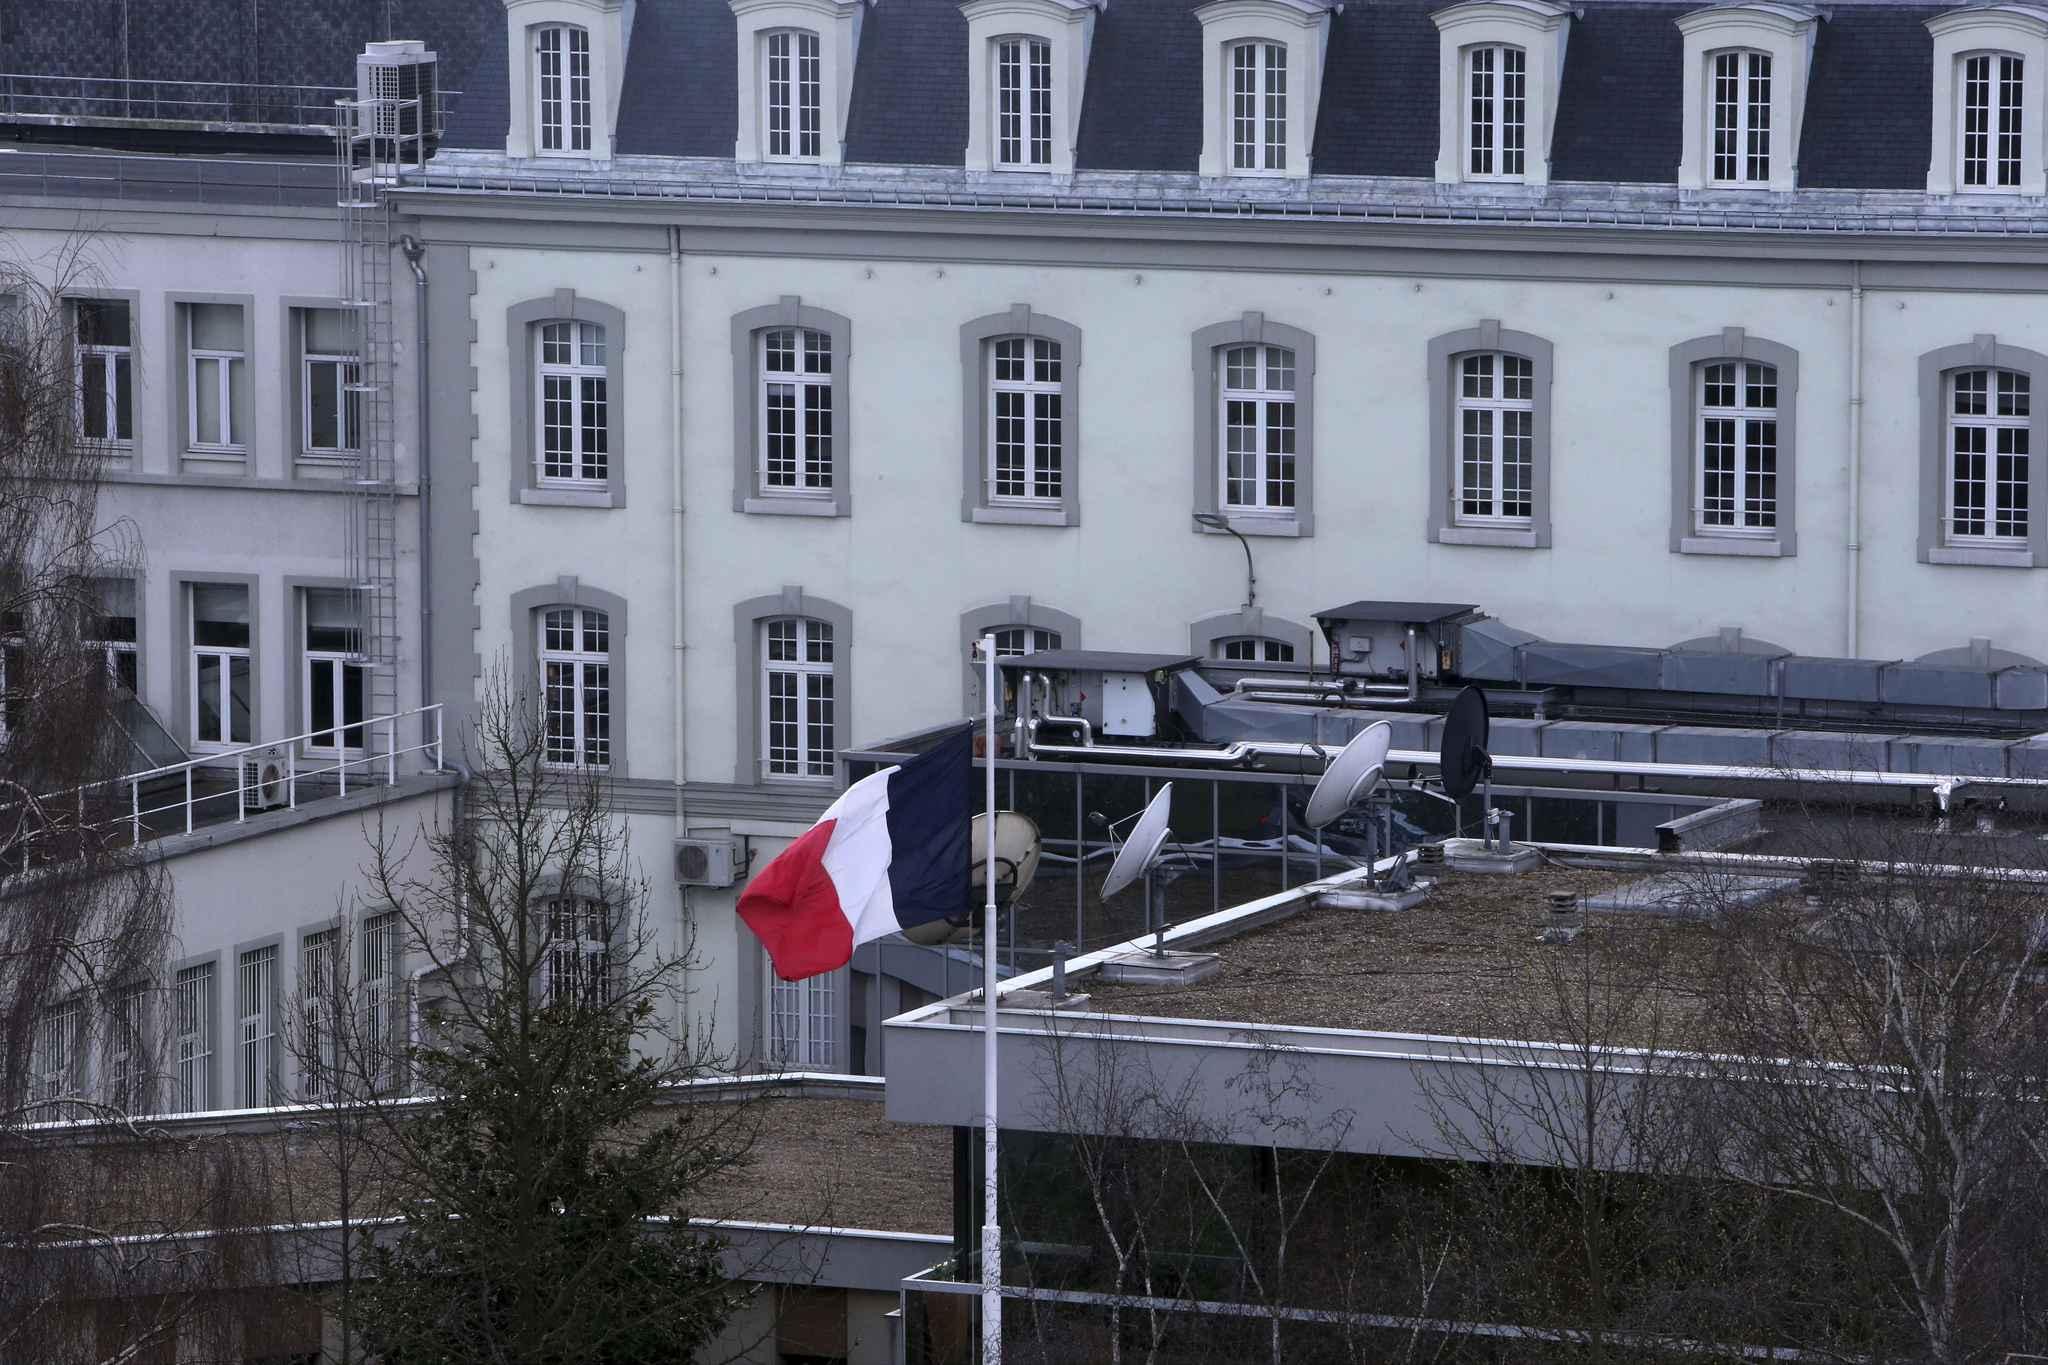 Syrie une d l gation d 39 espions fran ais s 39 est rendue damas for Direction generale de la securite exterieur